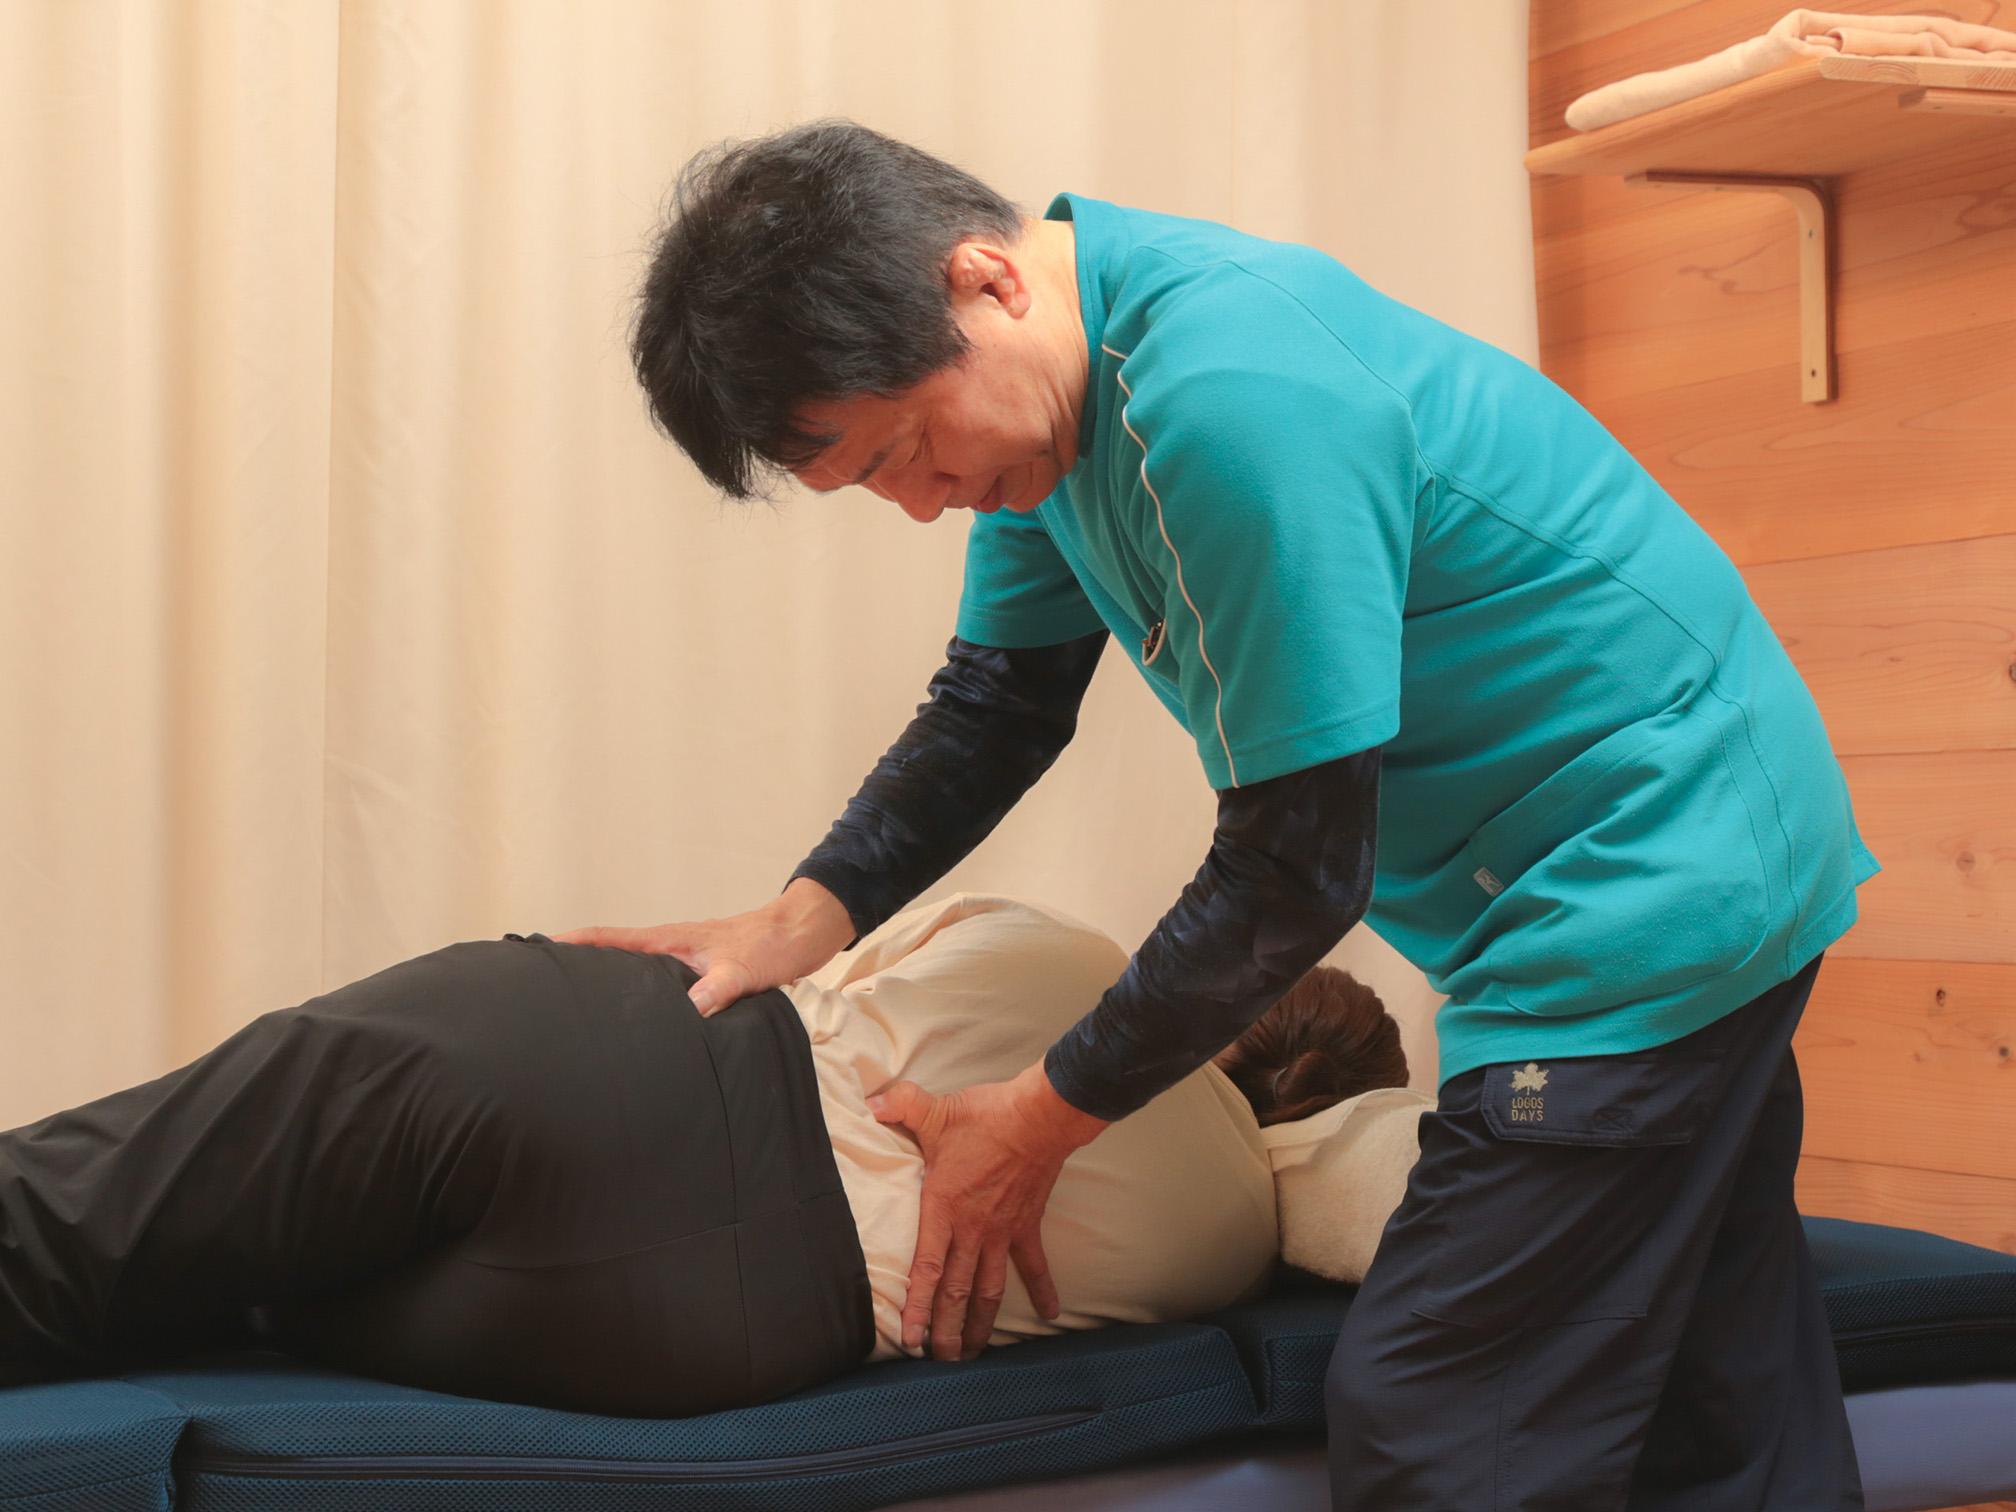 背骨を一つ一つ確認しながら施術を進めます